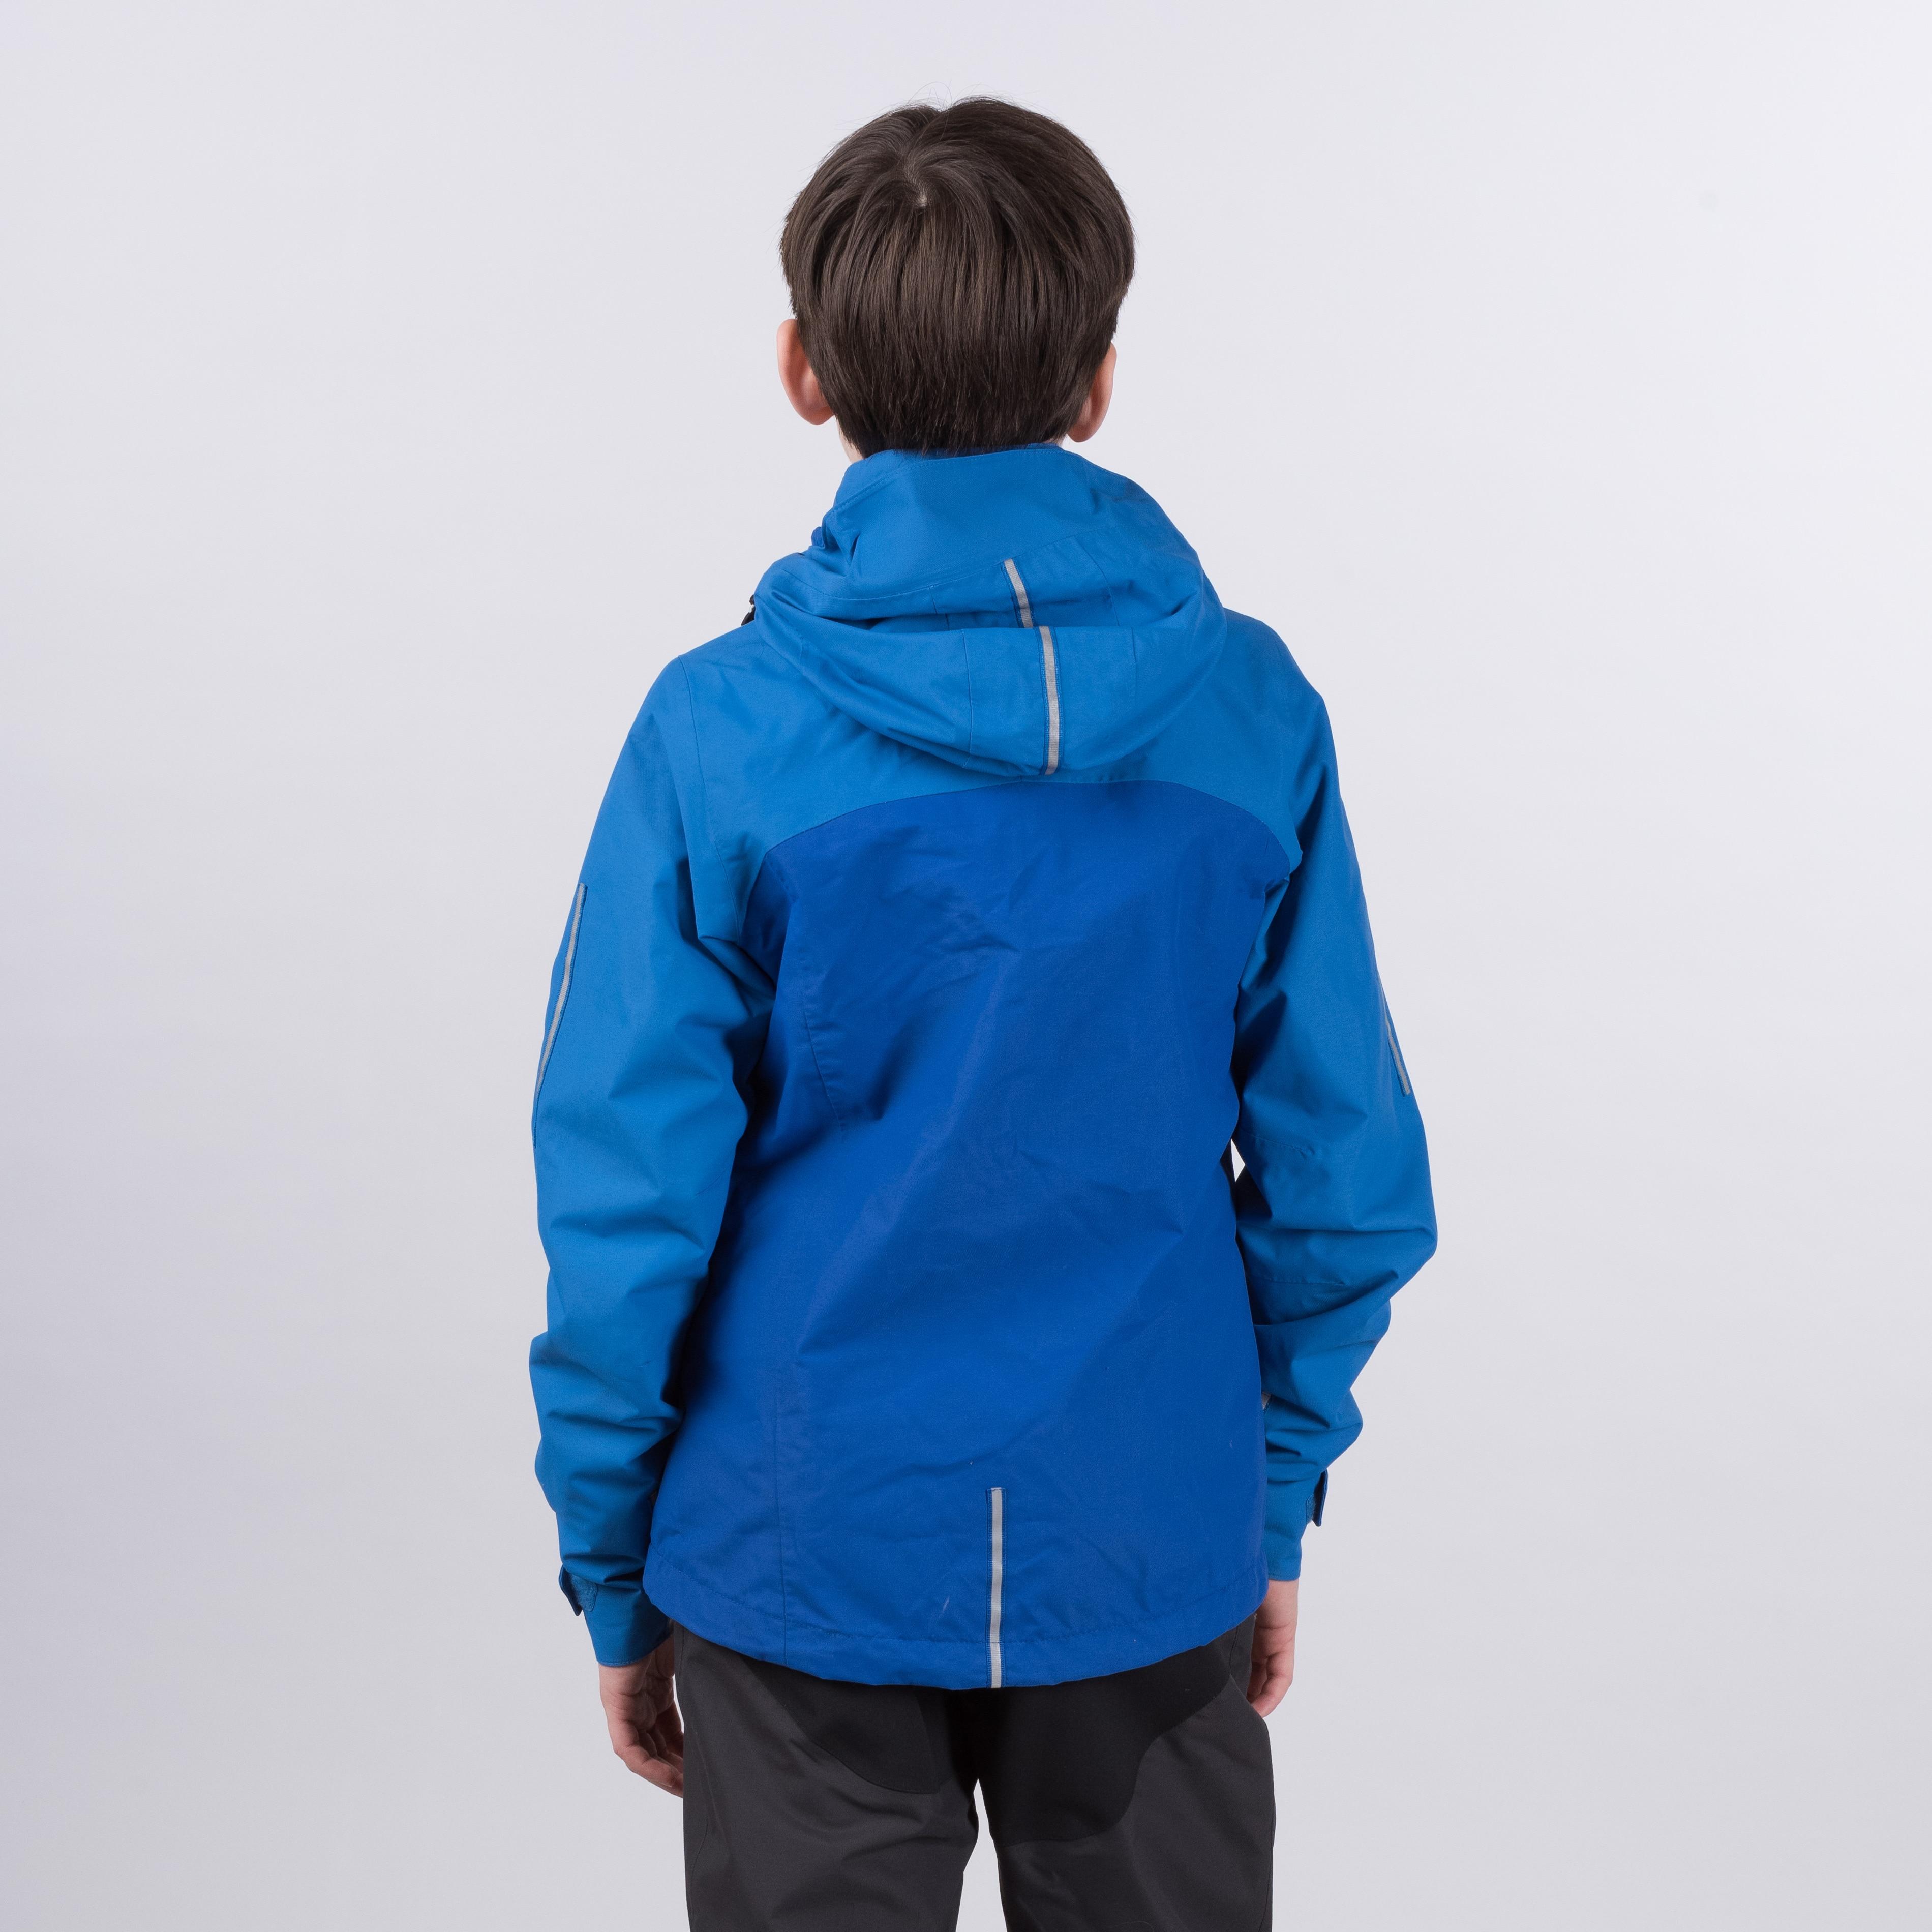 Sjoa 2L Youth Jacket